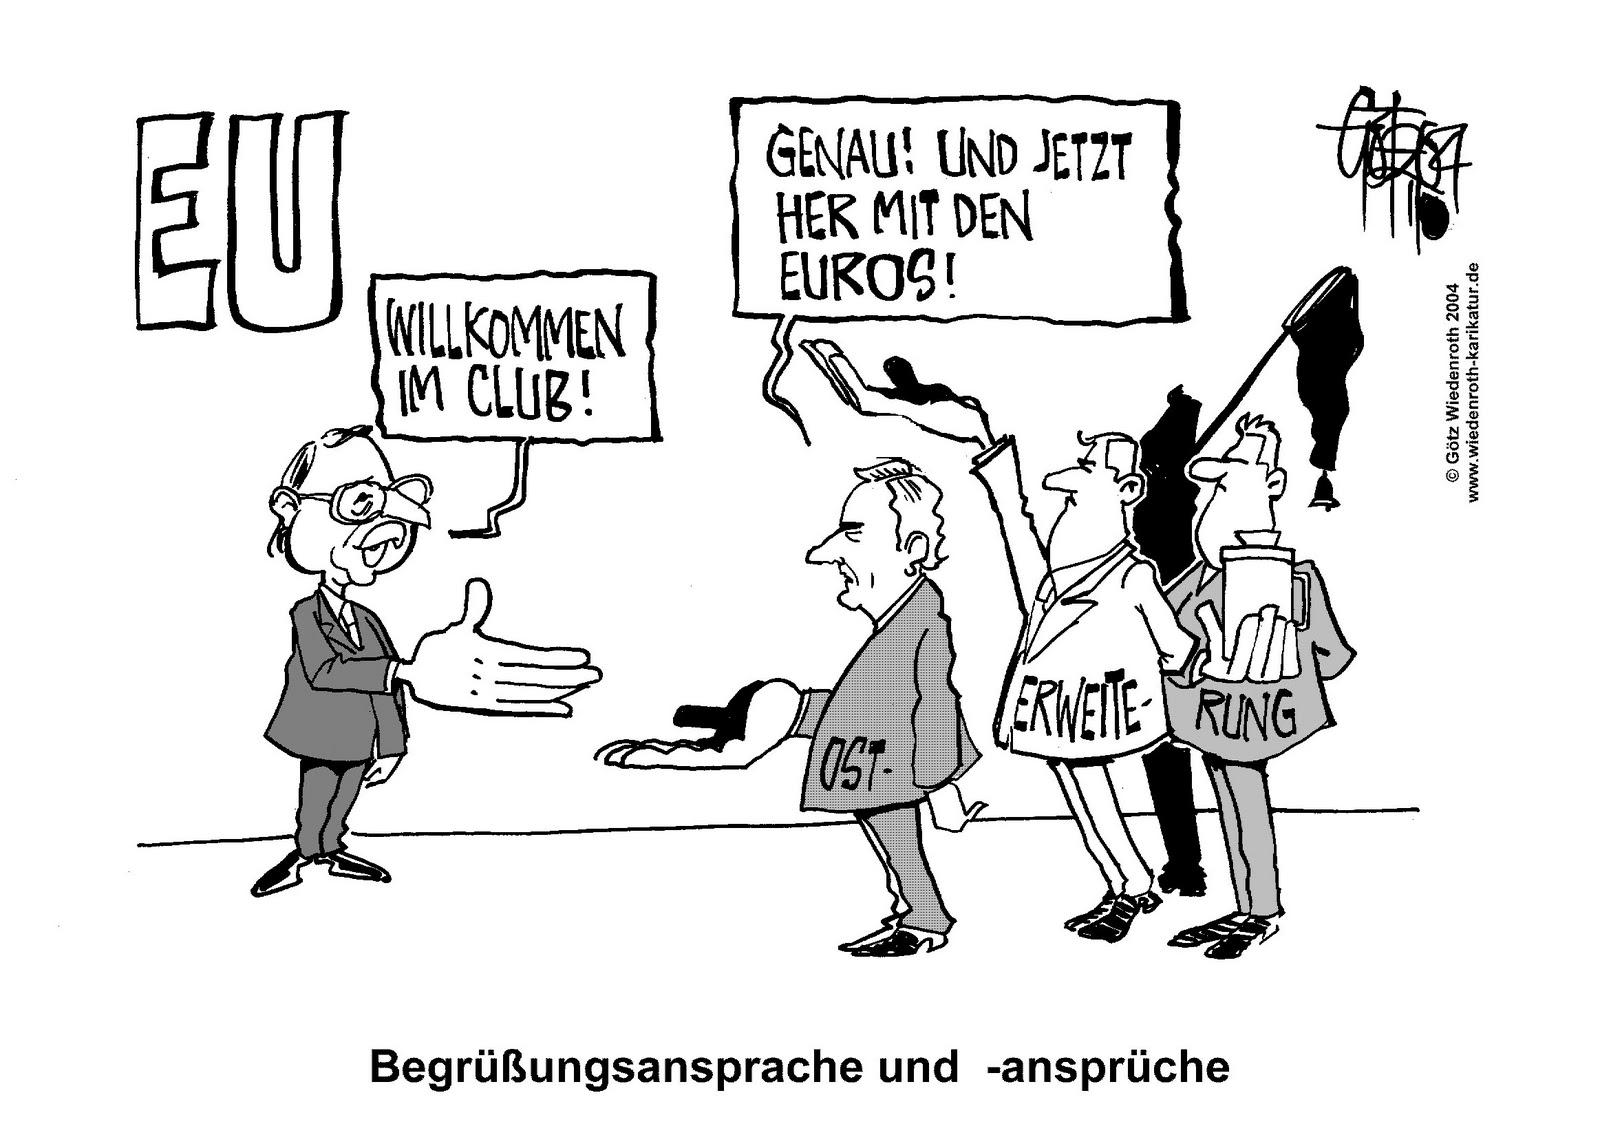 Karikatur Eu Erweiterung